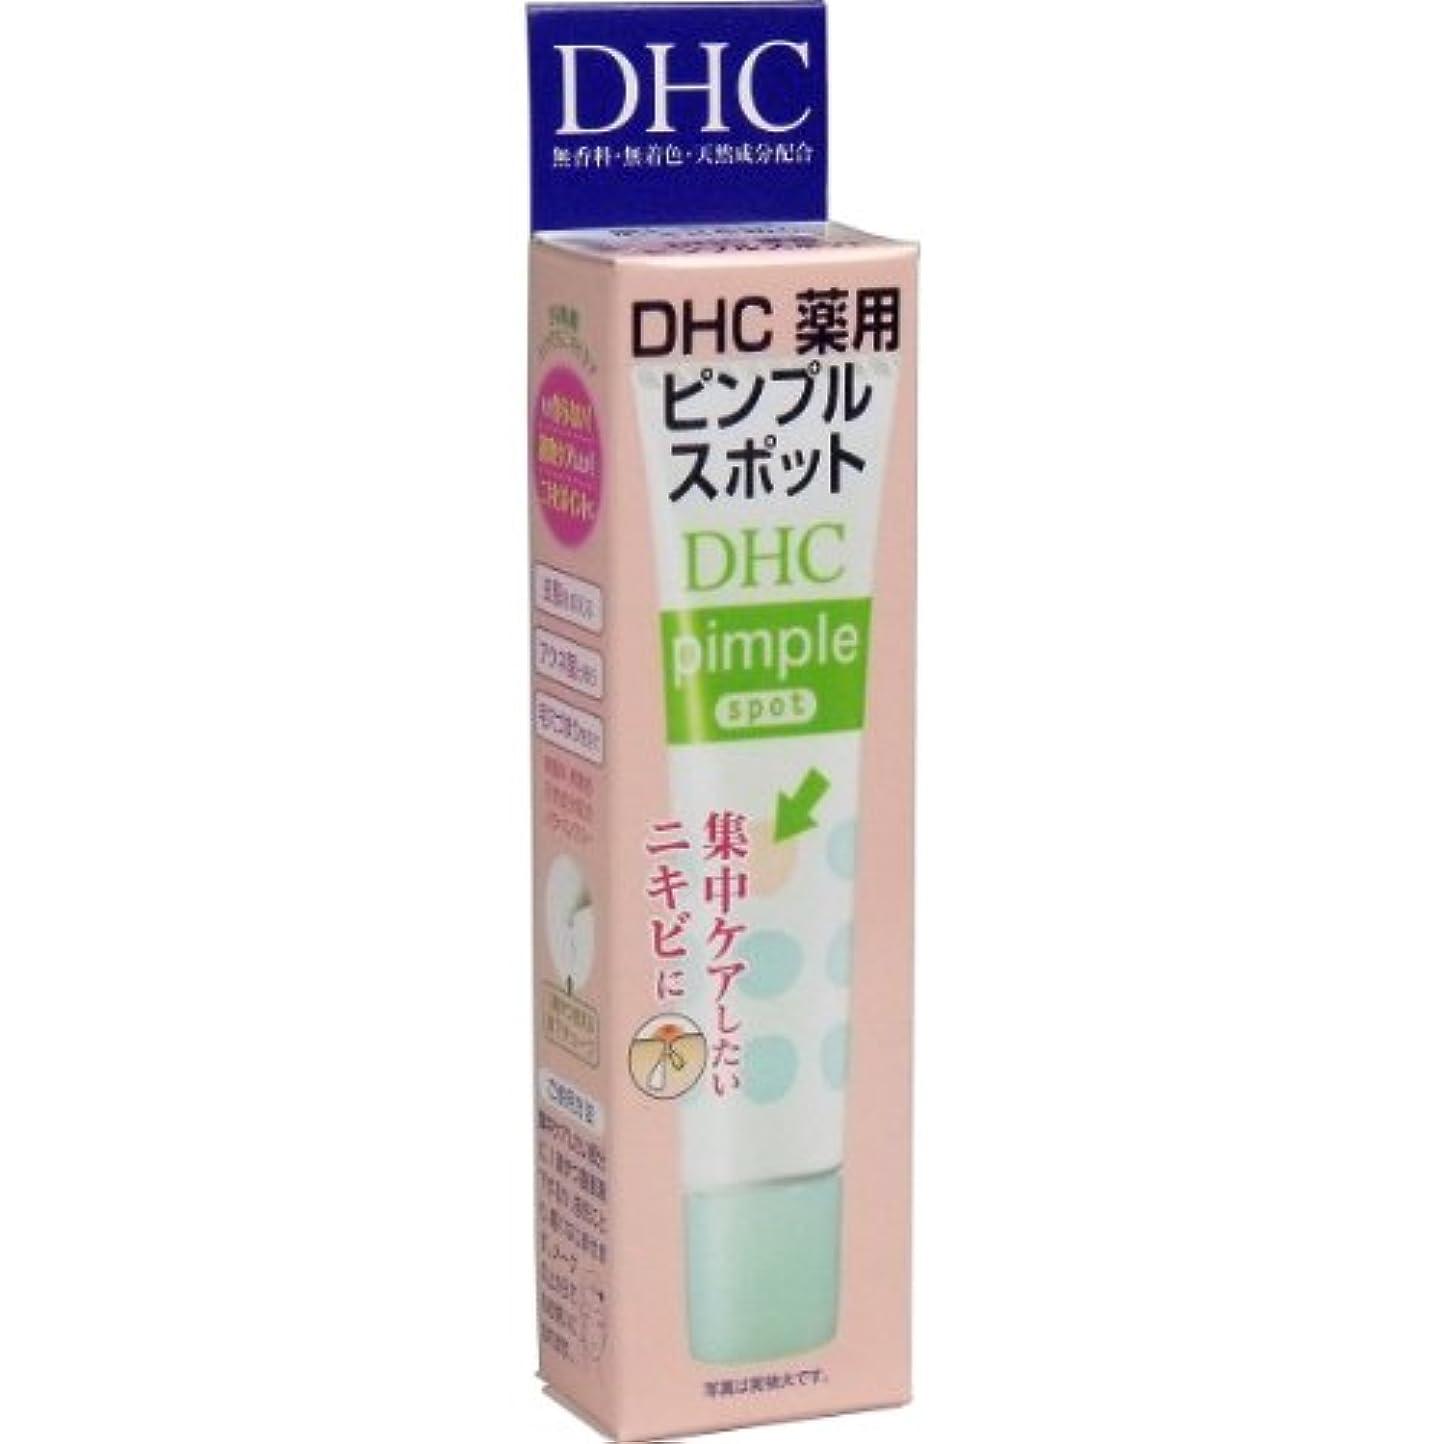 馬鹿スラッシュホイッスル【DHC】DHC 薬用ピンプルスポット 15ml ×10個セット